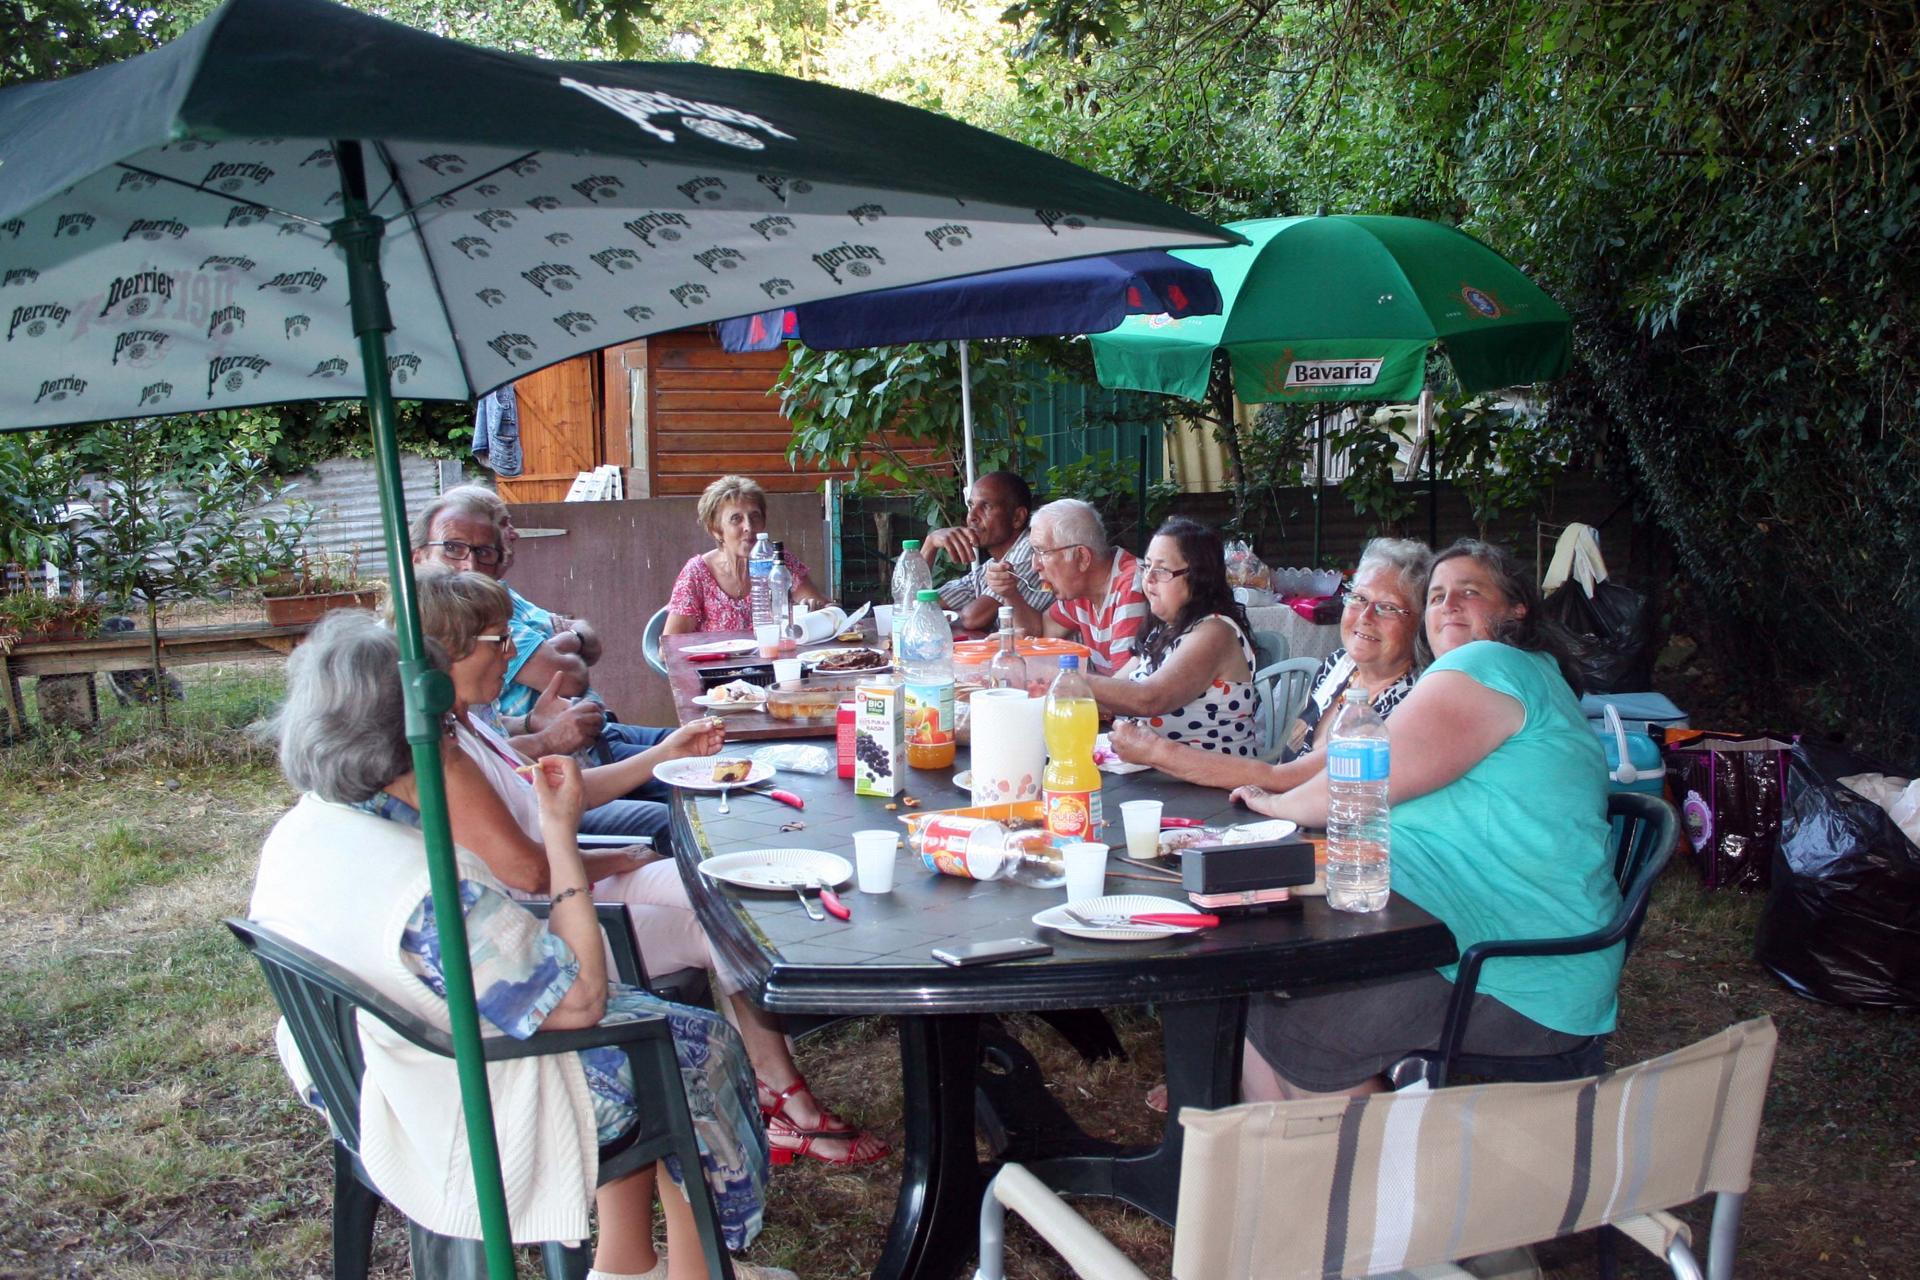 Association des jardins familiaux de laval for Entretien jardin laval 53